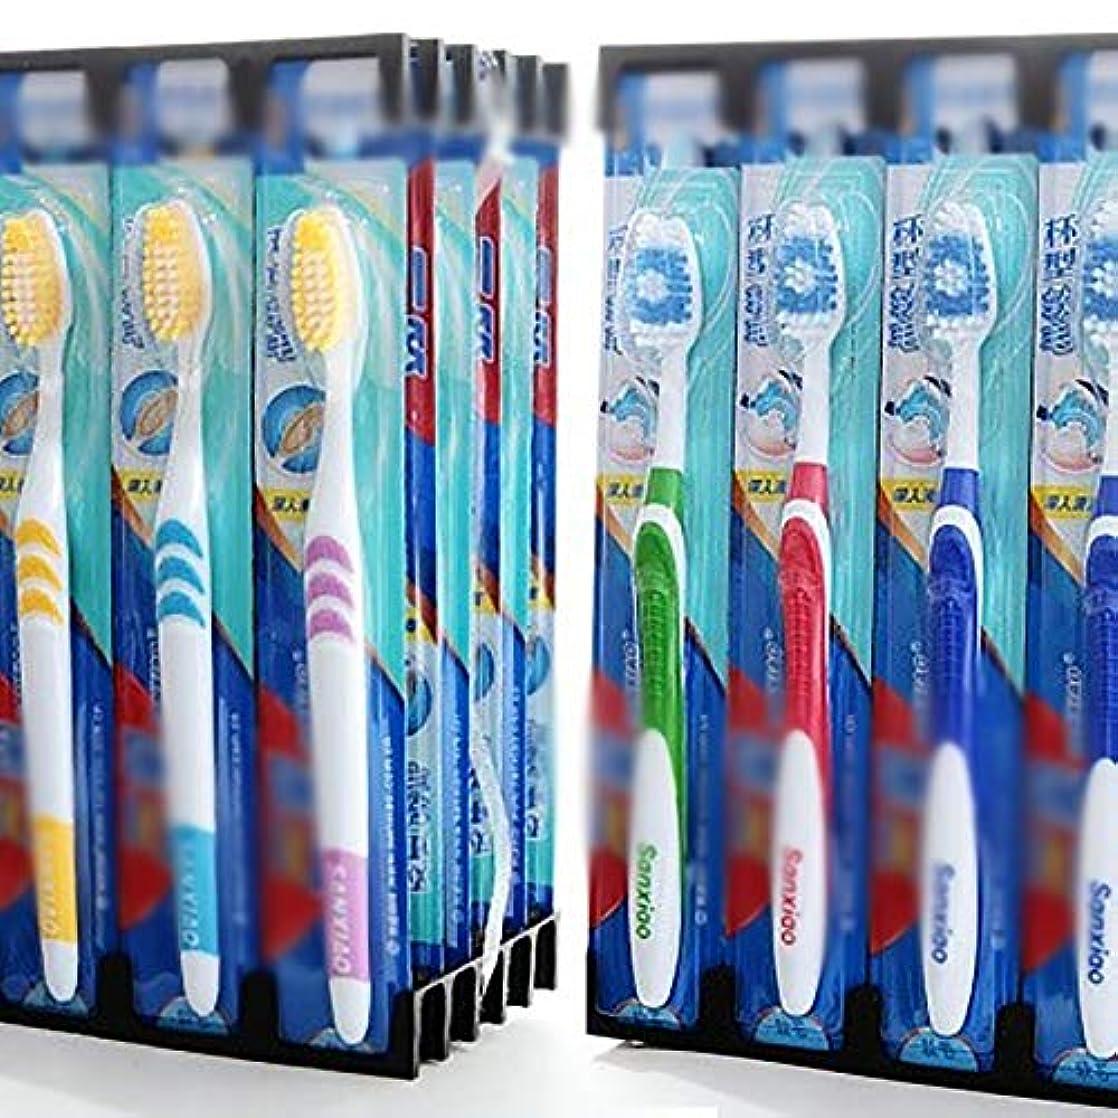 アルネ平等ハリケーン歯ブラシ 30パック歯ブラシ、家族バルク成人歯ブラシ、2つのスタイル混合包装歯ブラシ - 任意8つの組み合わせ HL (色 : G, サイズ : 30 packs)